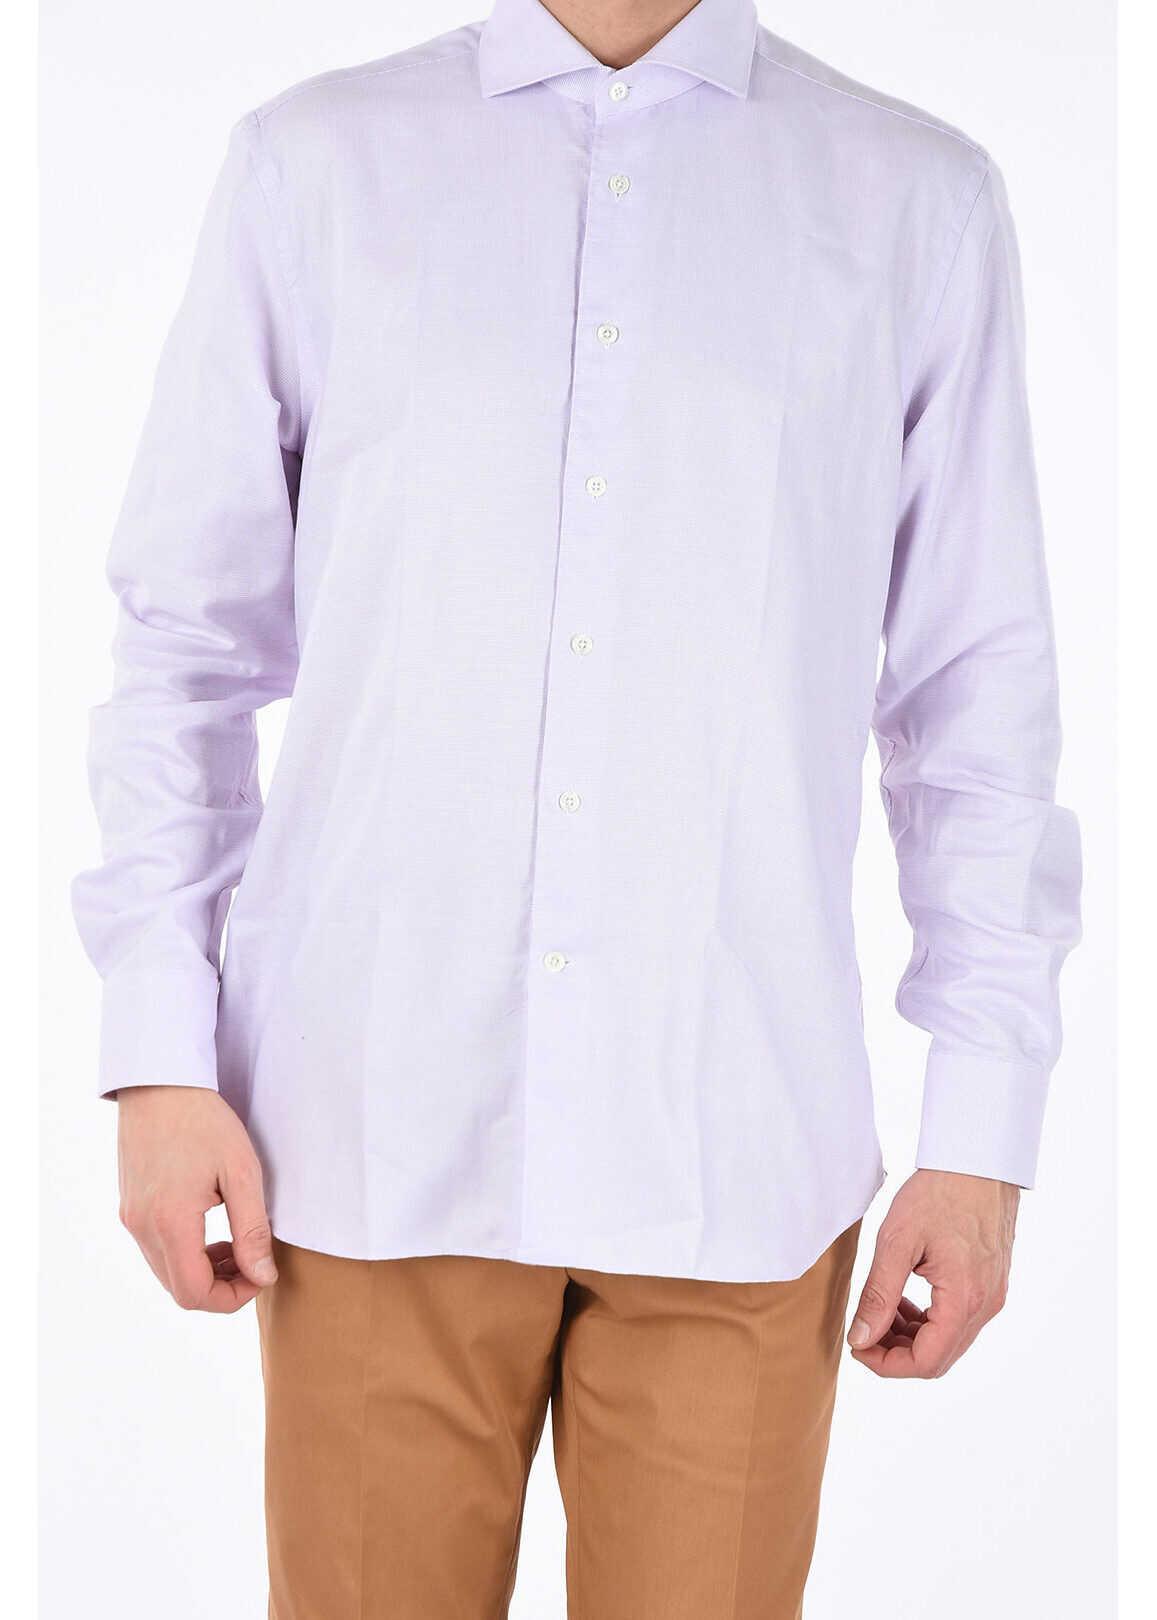 CORNELIANI Semi-French Neck Shirt PINK imagine